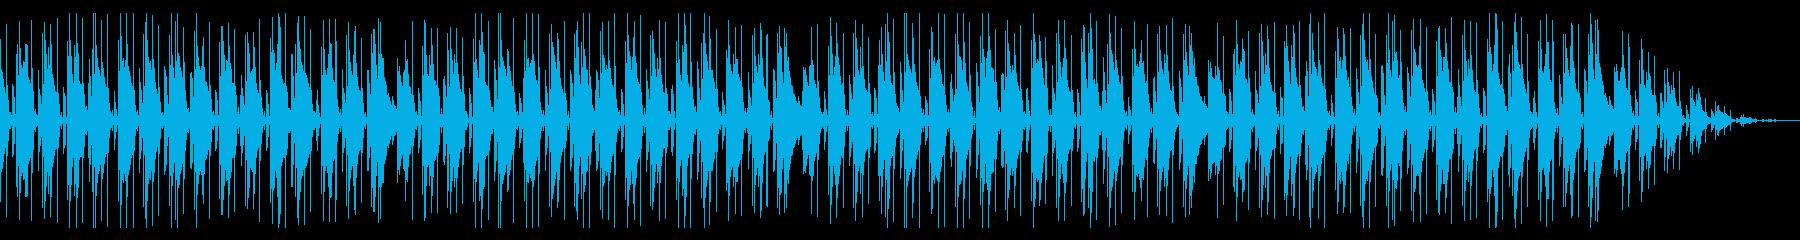 bgm31の再生済みの波形